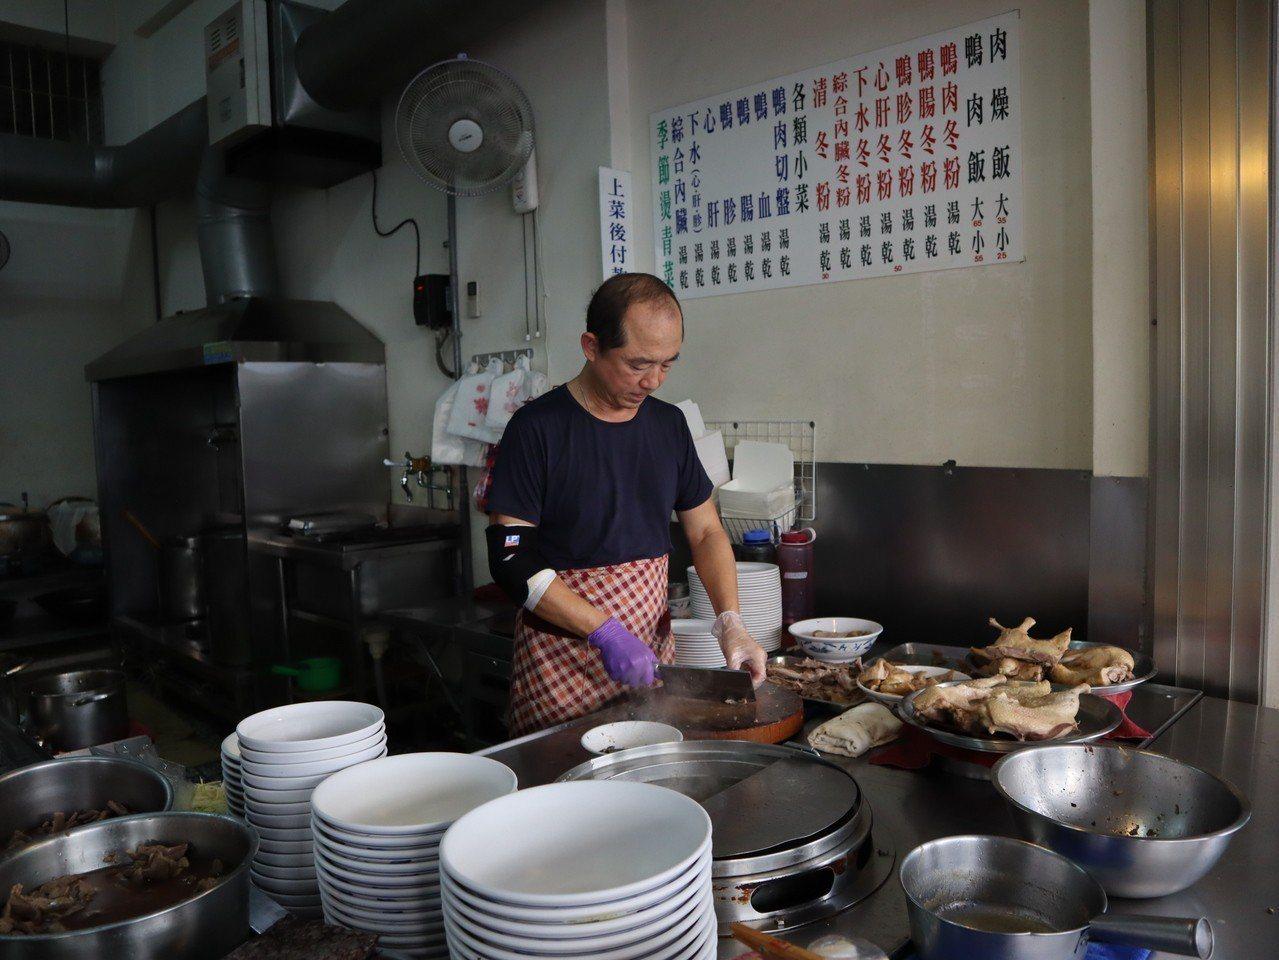 準高雄市長韓國瑜選舉前曾拍攝影片介紹在地小吃,包括白糖粿、粉圓冰、鴨肉飯等。記者...